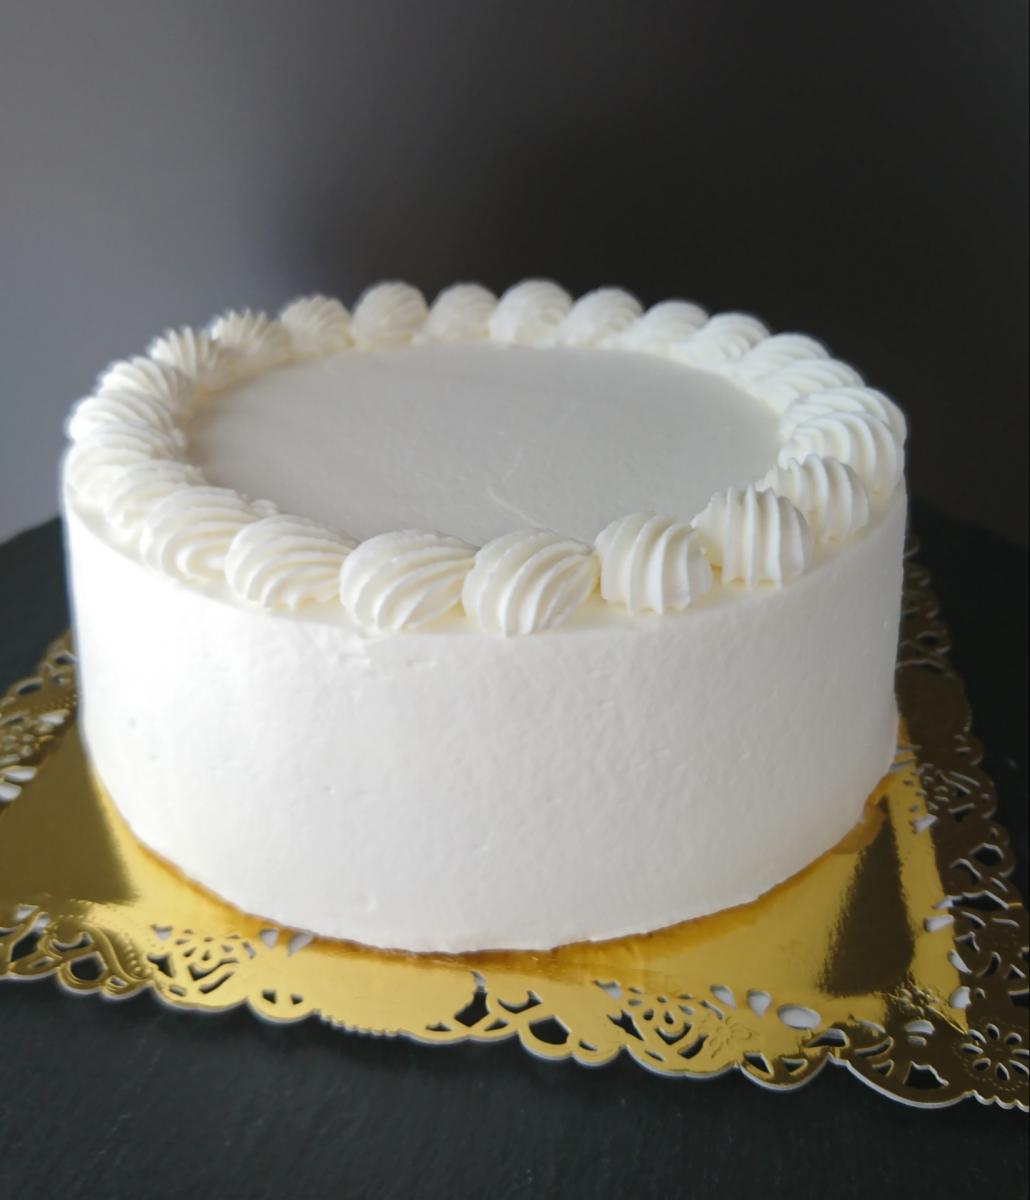 自由自在にデコレーションを楽しめる「自由にデコできるホールケーキ」(写真はホワイトクリーム)